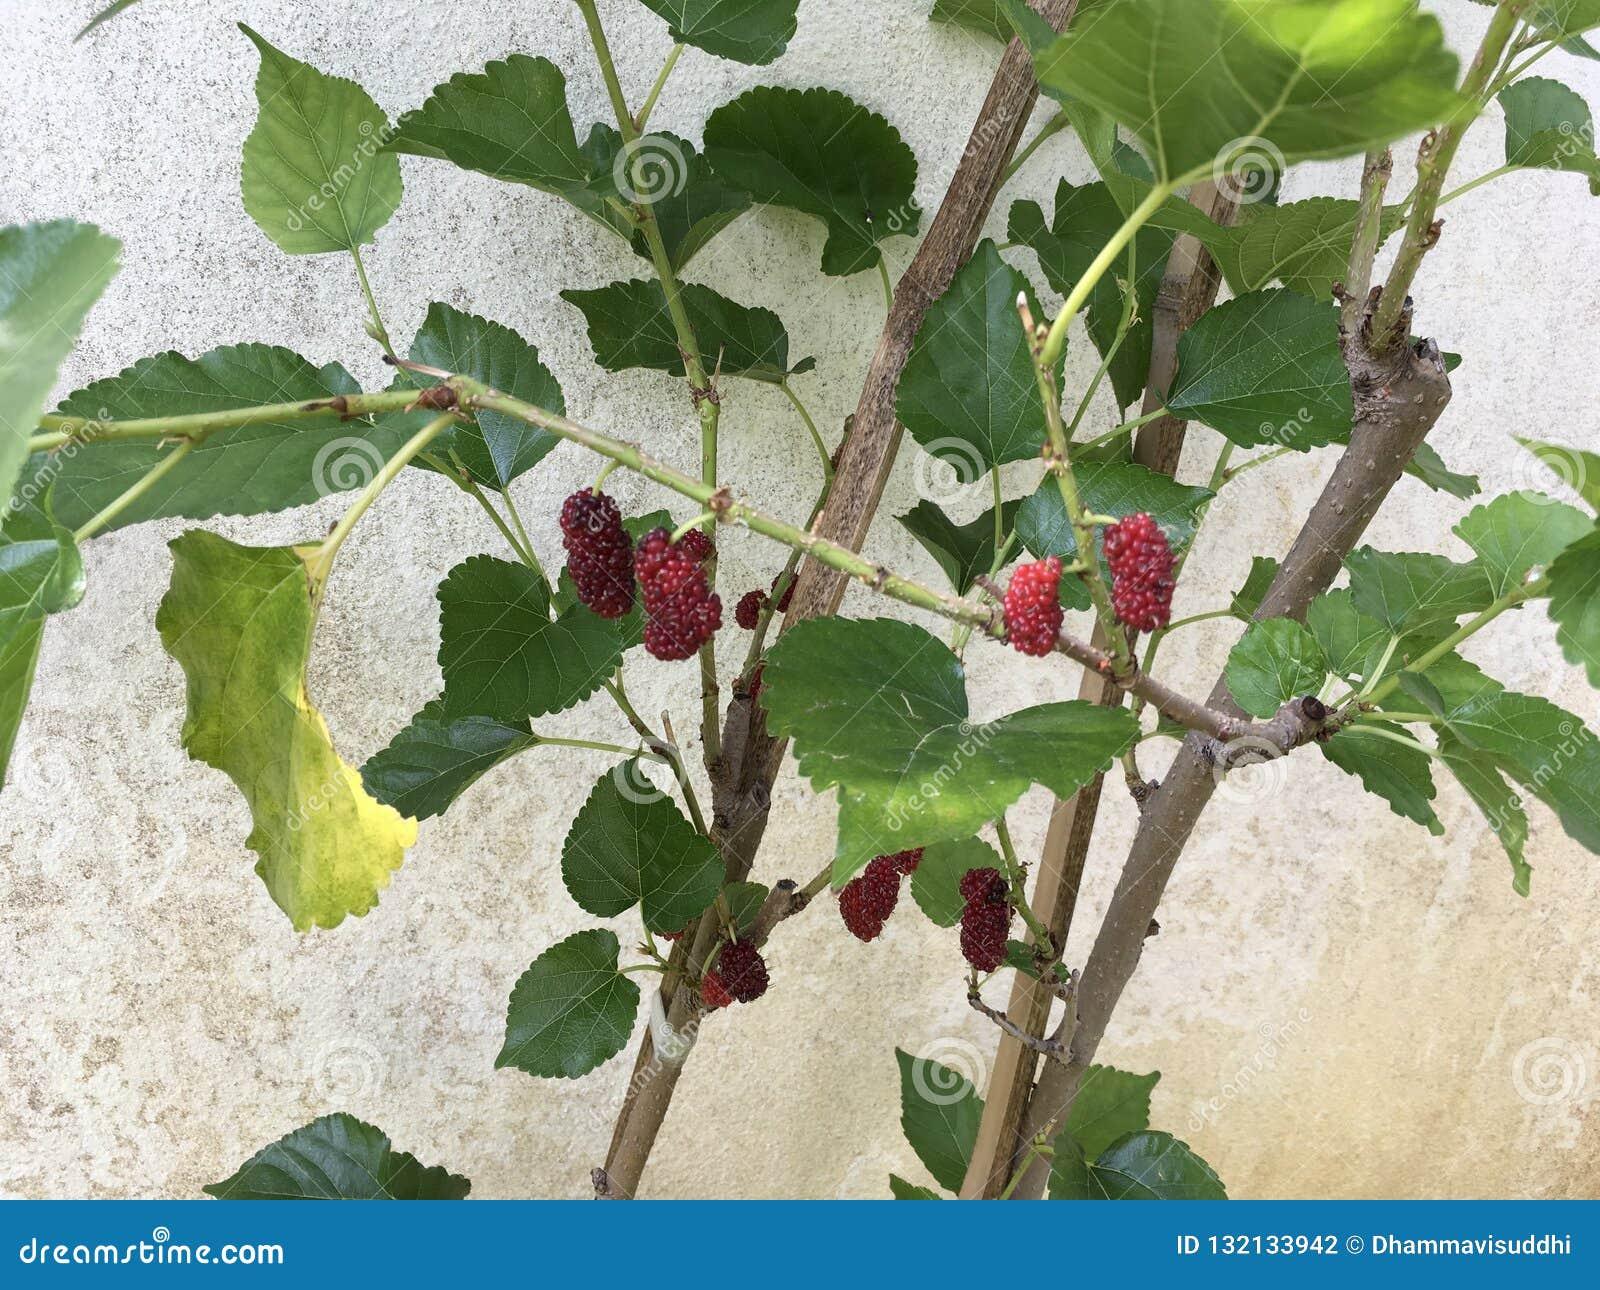 Тропические плоды красной шелковицы